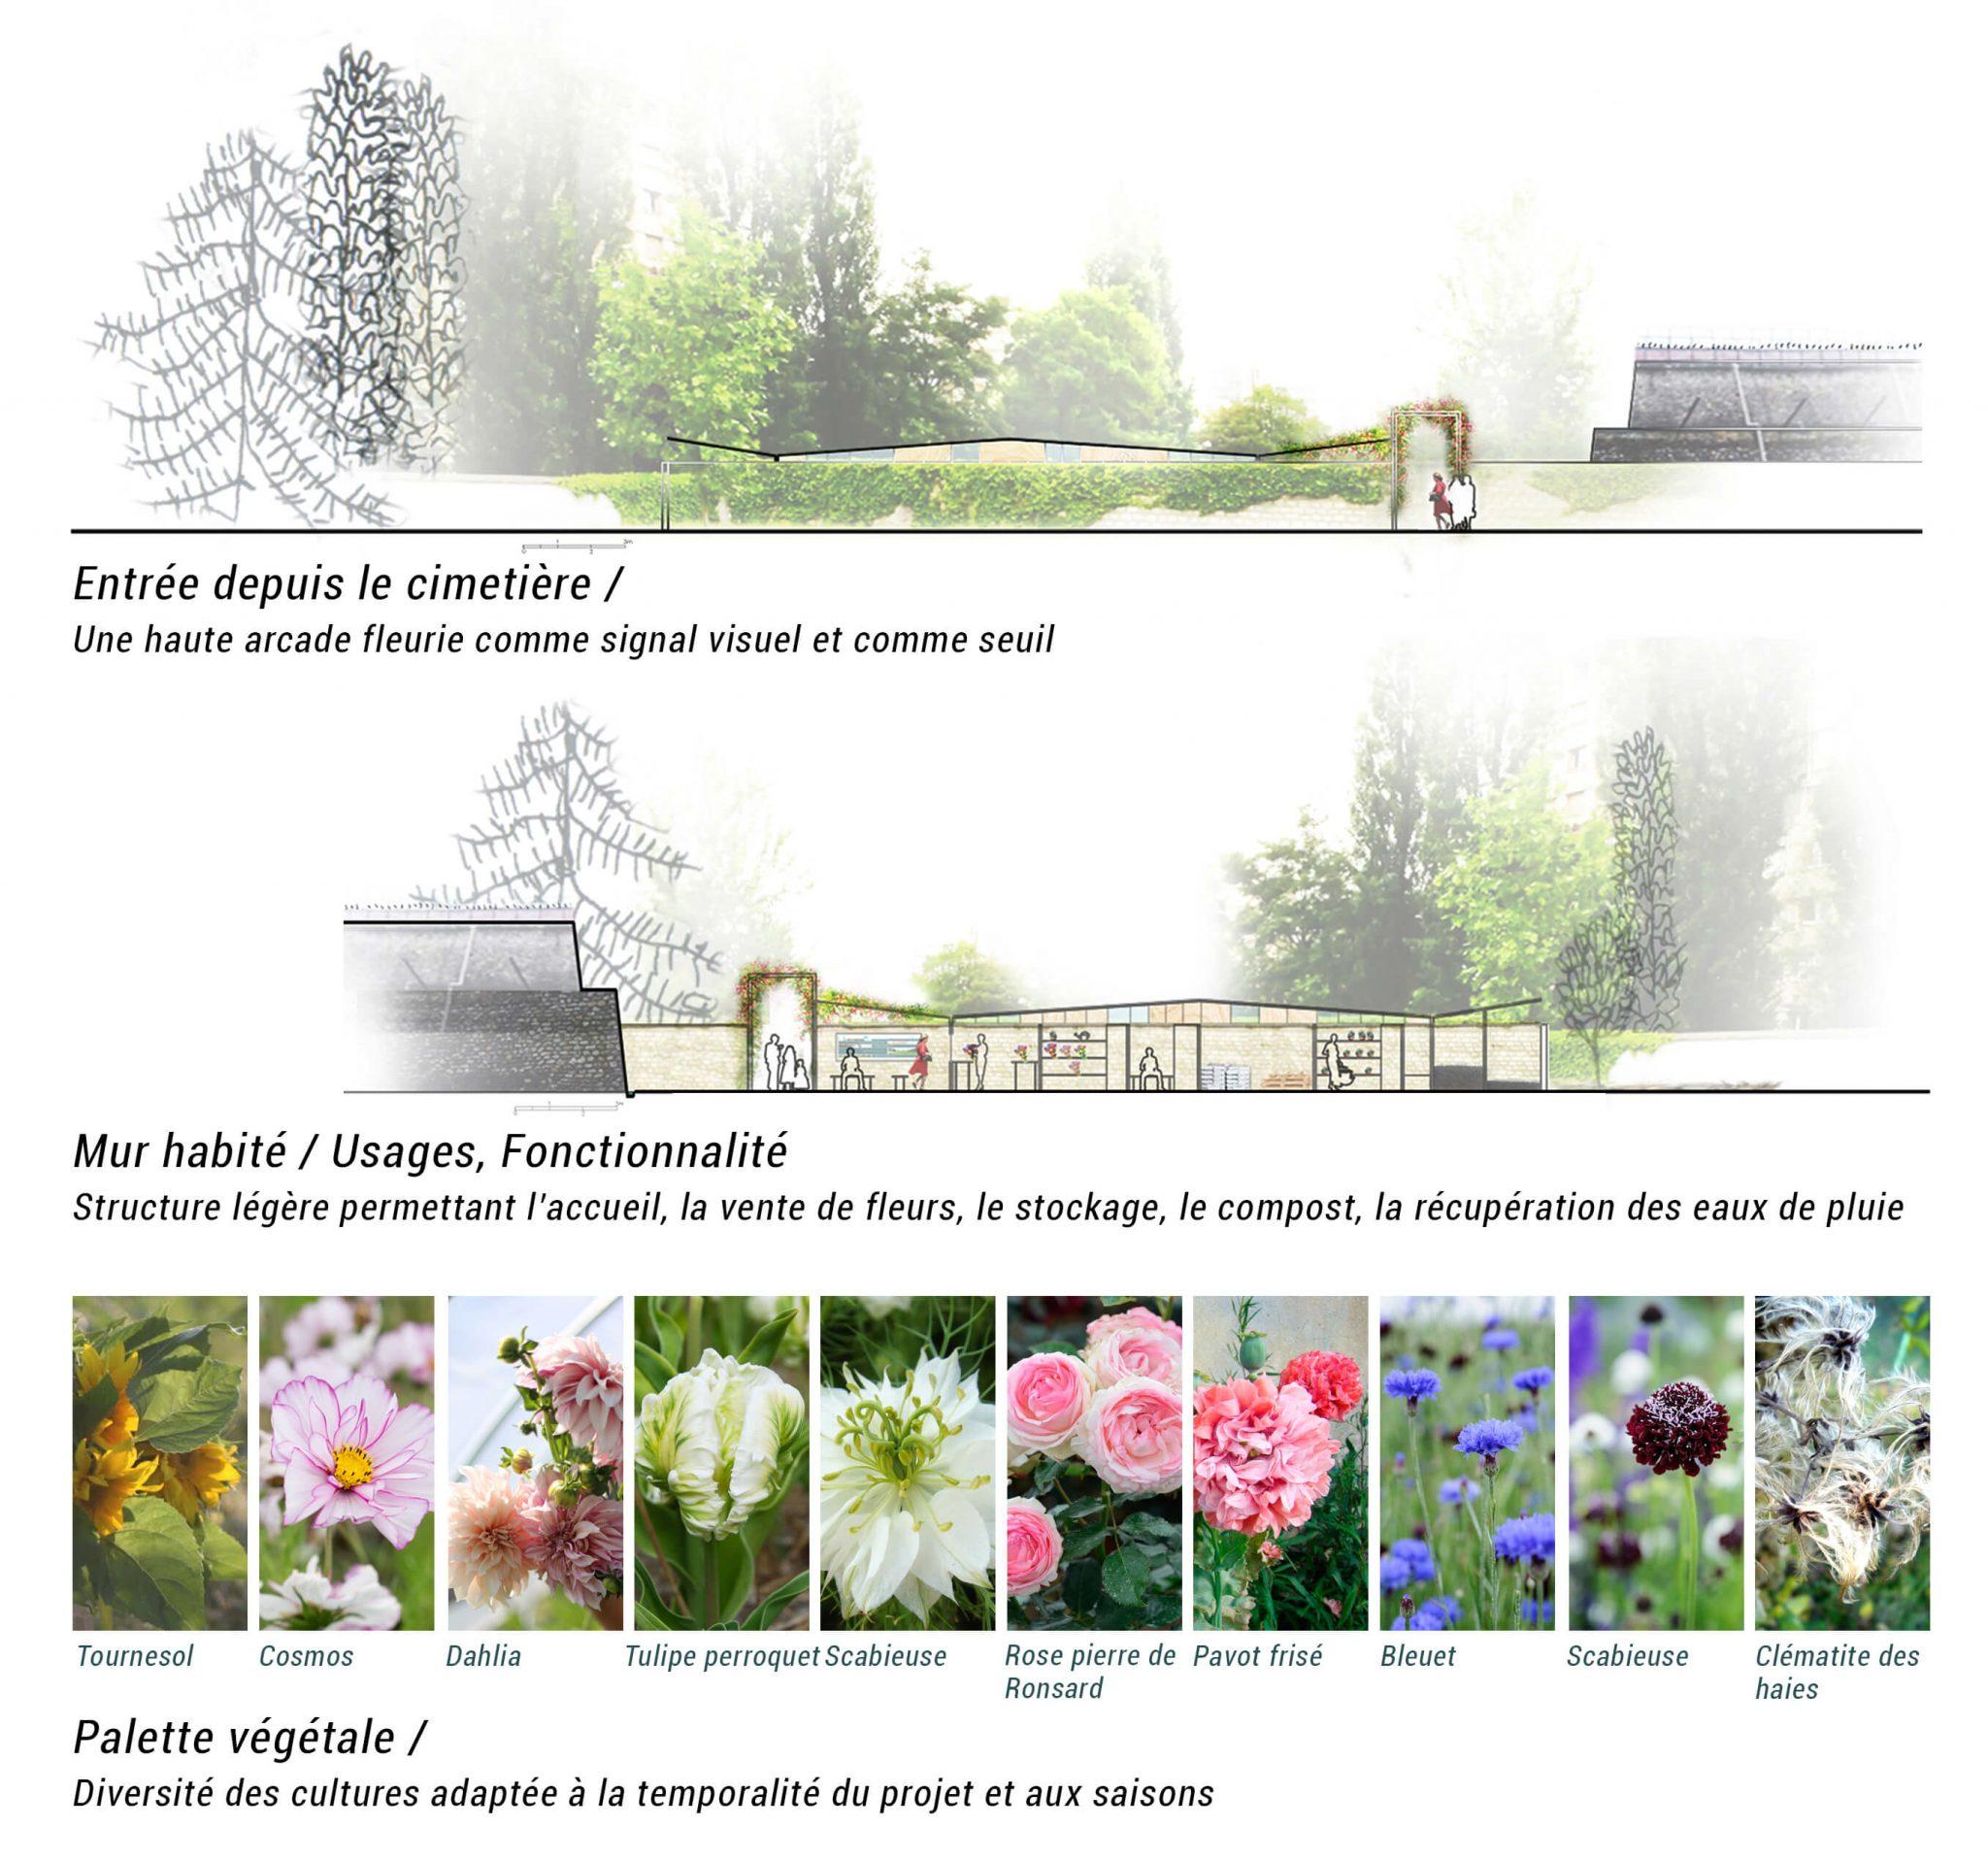 Flore Urbaine